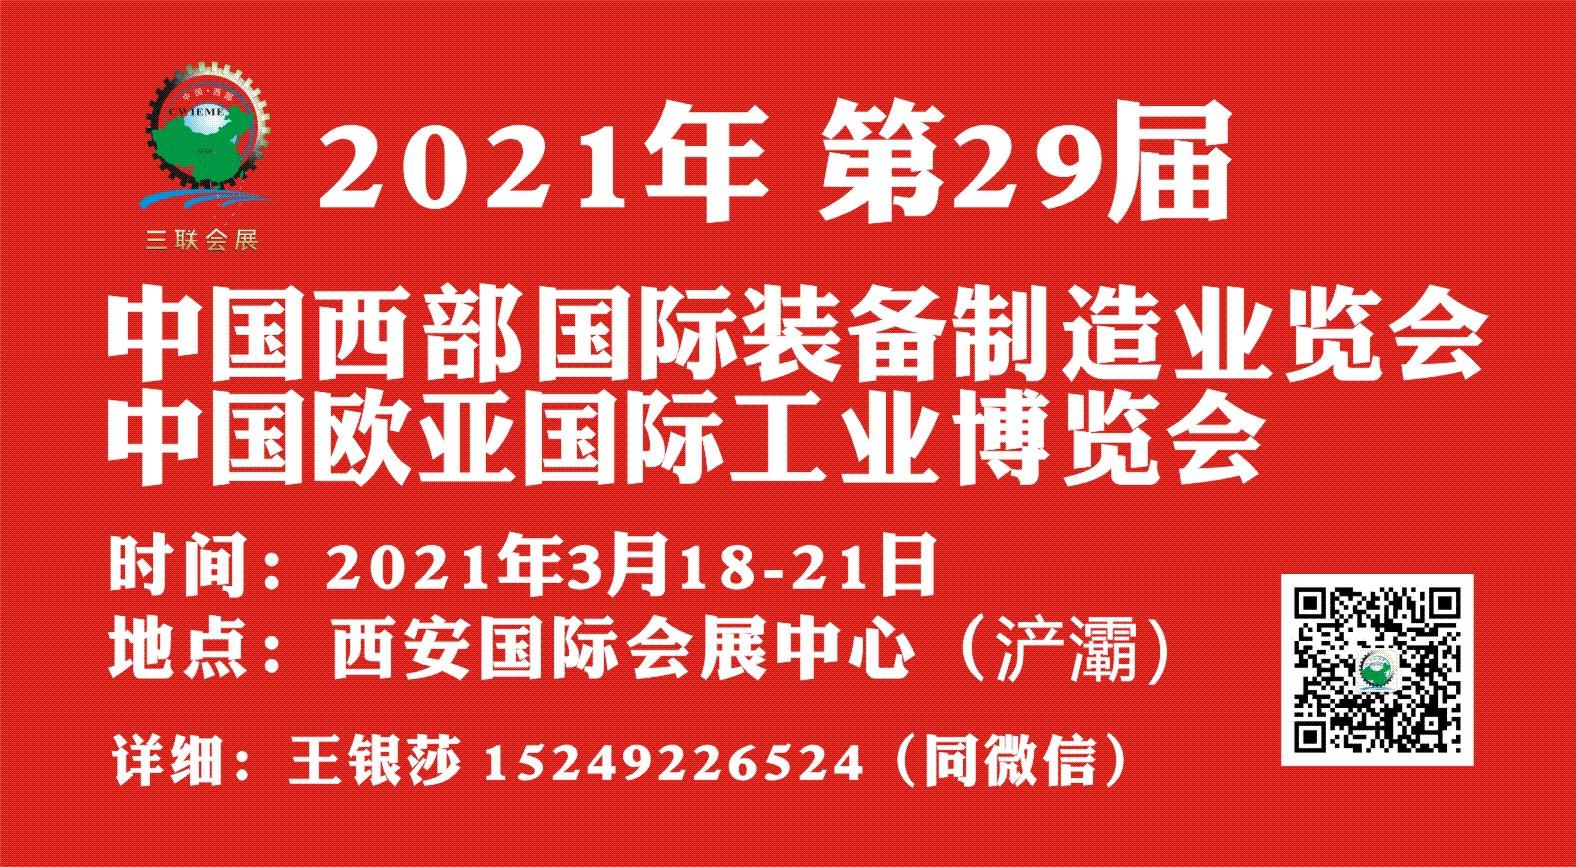 2021年第29屆中國西部國際裝備制造業博覽會